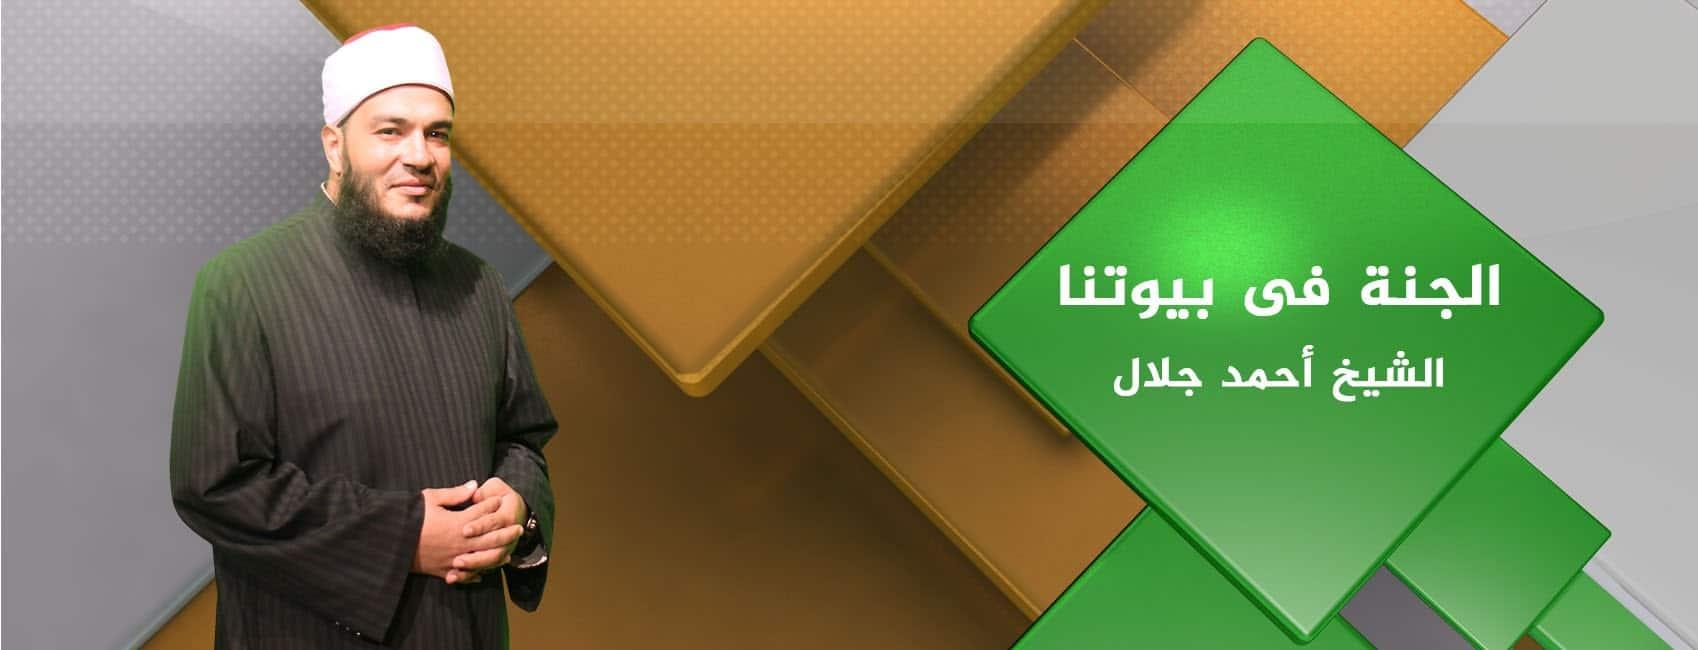 الجنة في بيوتنا الشيخ أحمد جلال